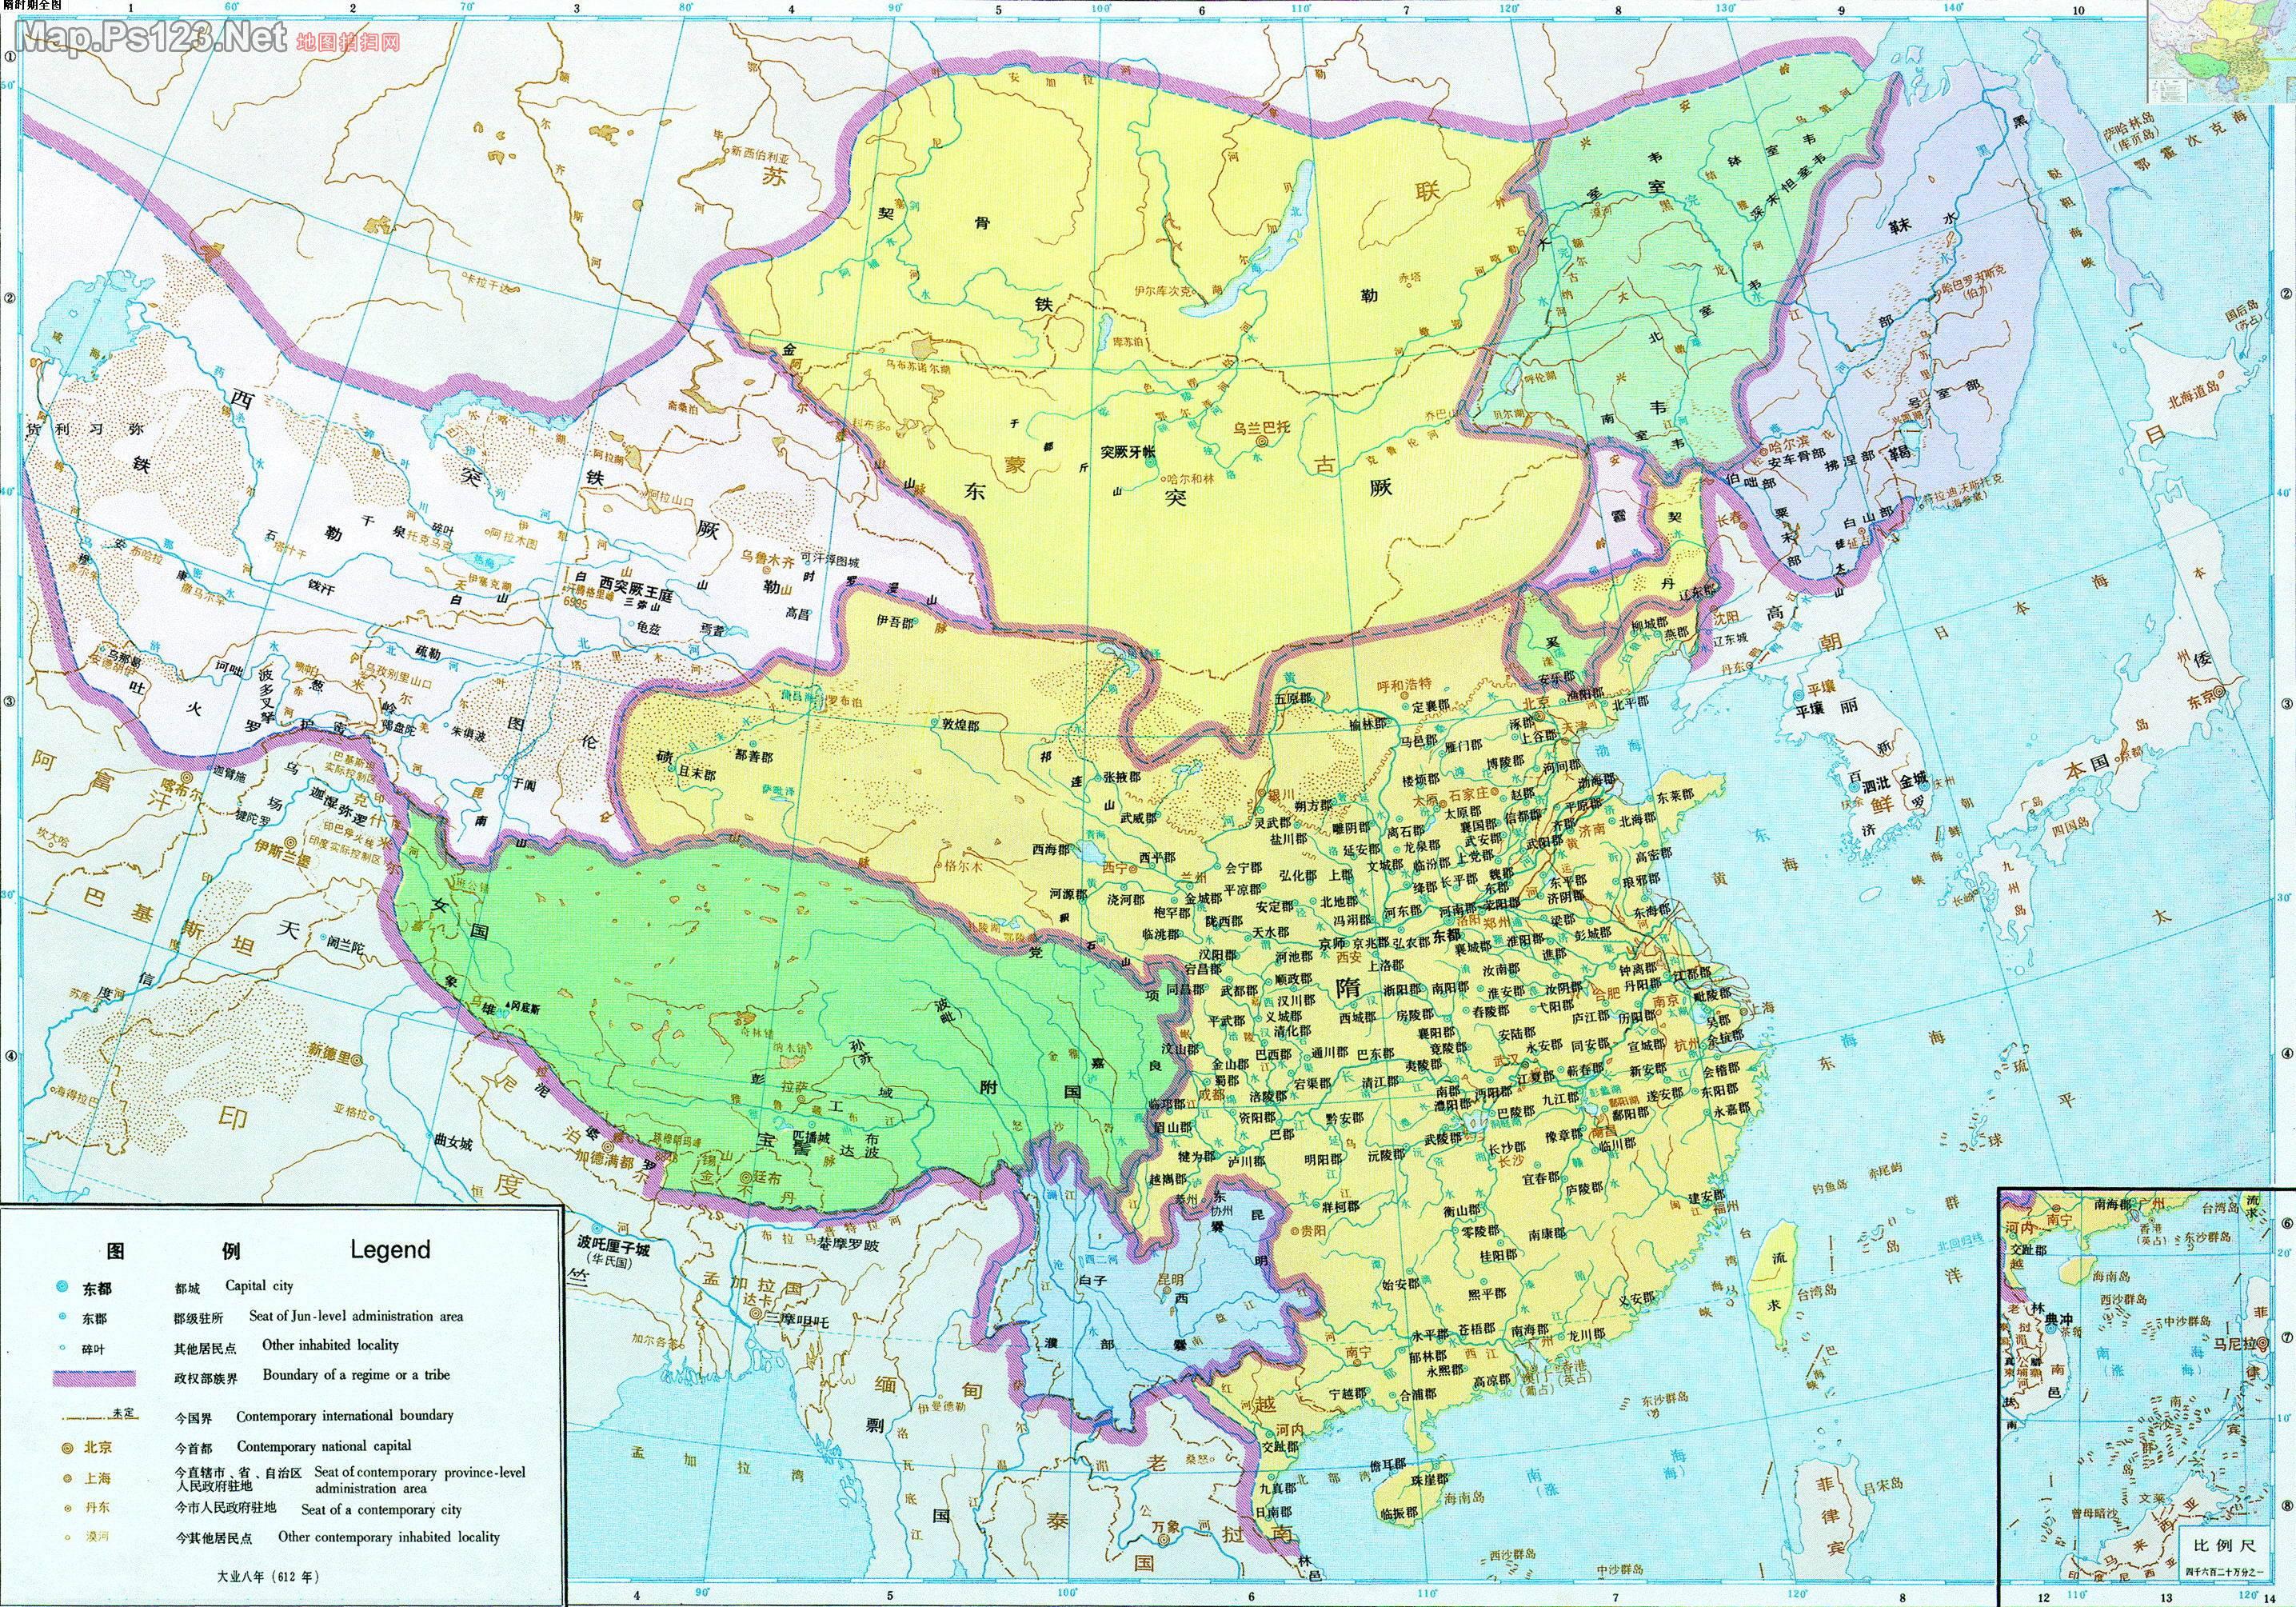 历史地图:隋时期全图_中国史稿地图地图库_地图窝图片